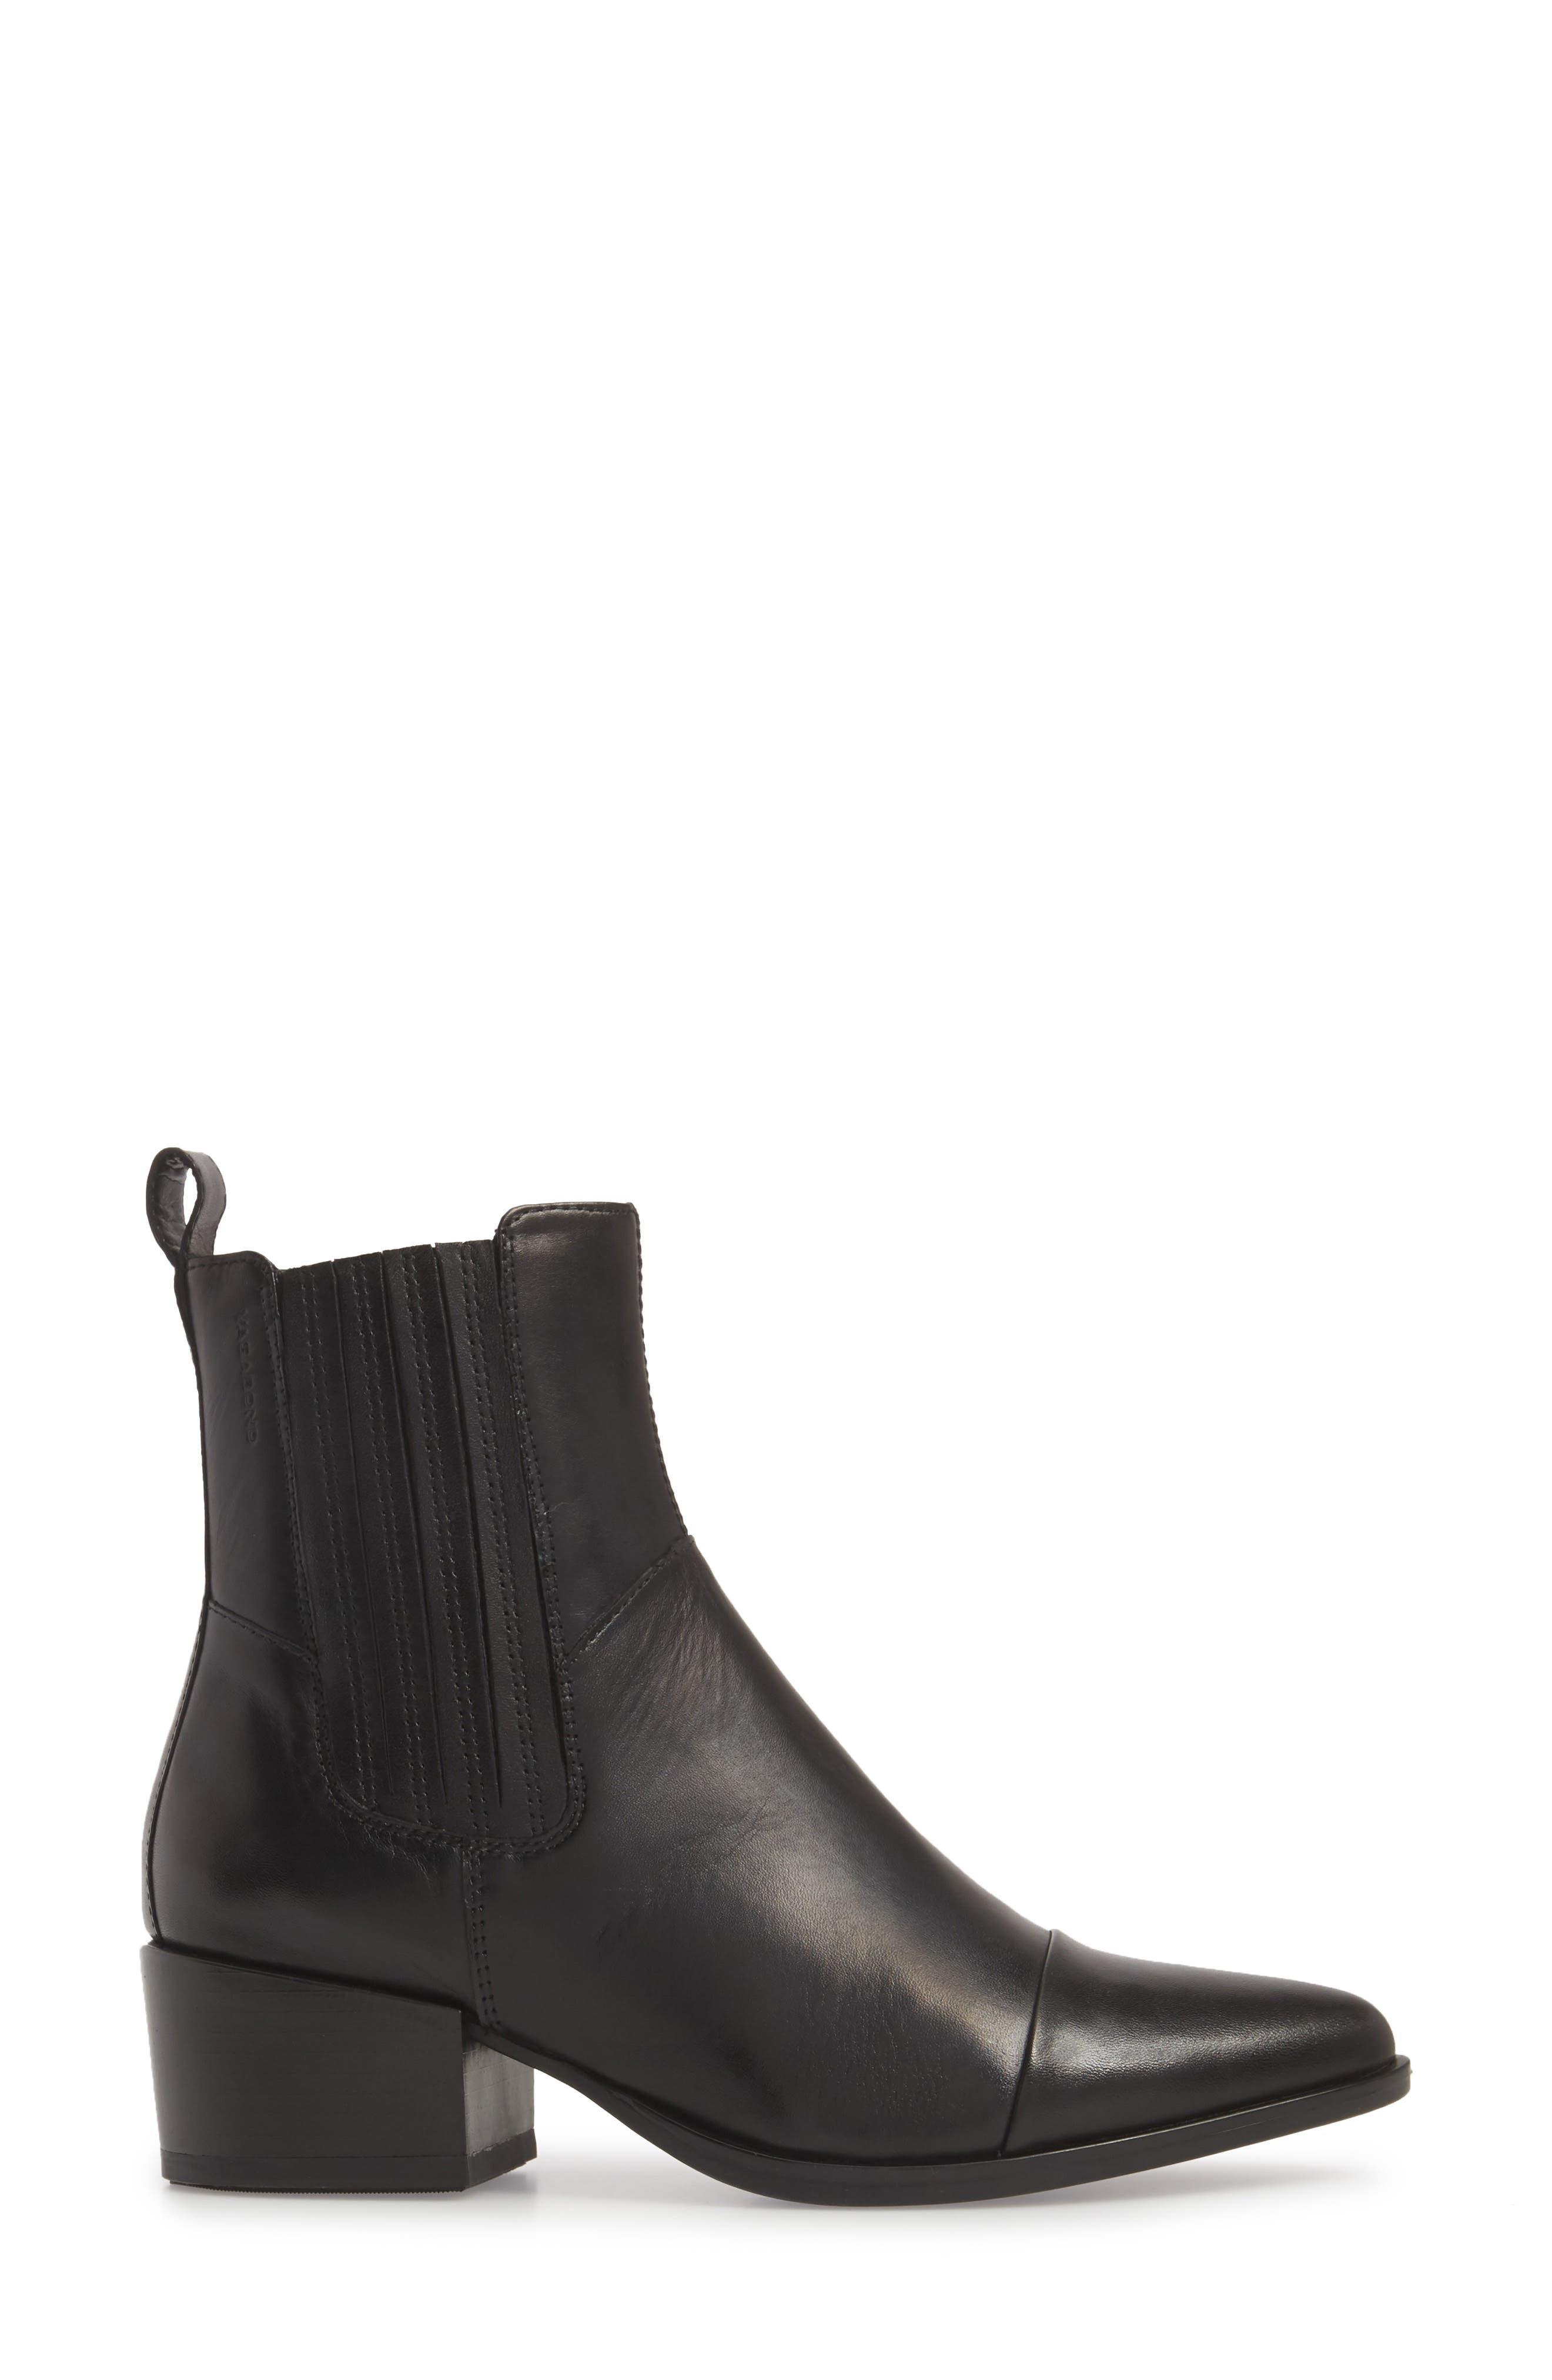 VAGABOND,                             Shoemakers Marja Cap Toe Bootie,                             Alternate thumbnail 3, color,                             BLACK LEATHER